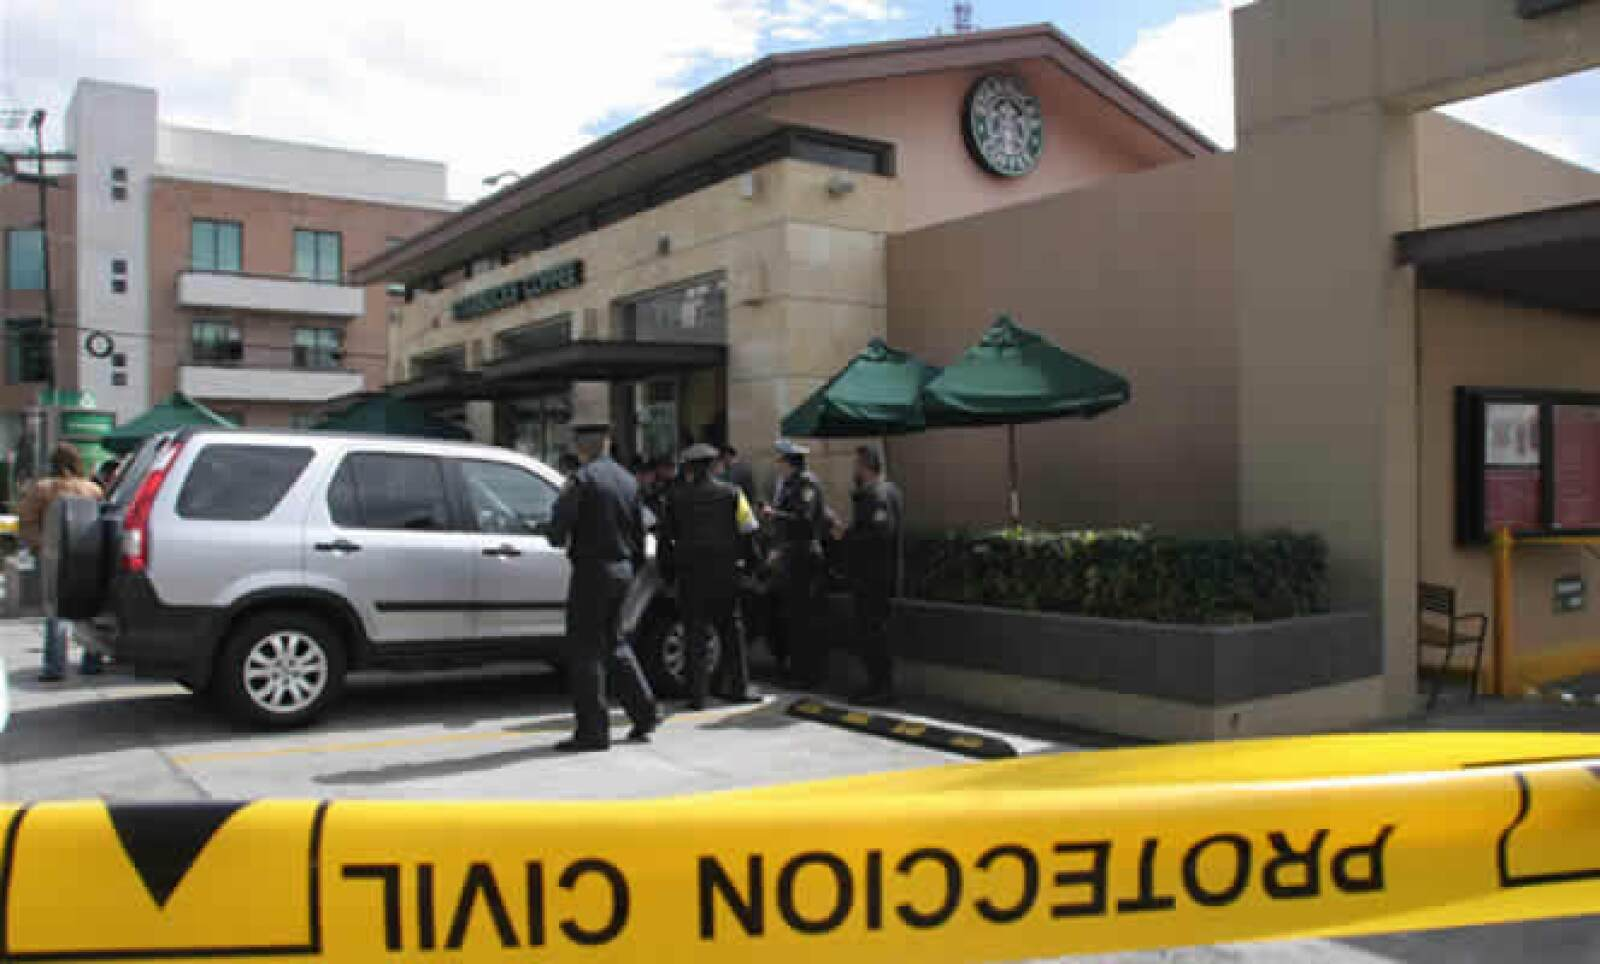 La PGR perdió a otro de sus testigos protegidos a manos de un comando armado. Un Starbucks de la colonia del Valle fue la escena del crimen y las redes sociales fueron la voz que narró el hecho; menos de 15 minutos después del asesinato, 'Starbuks México'